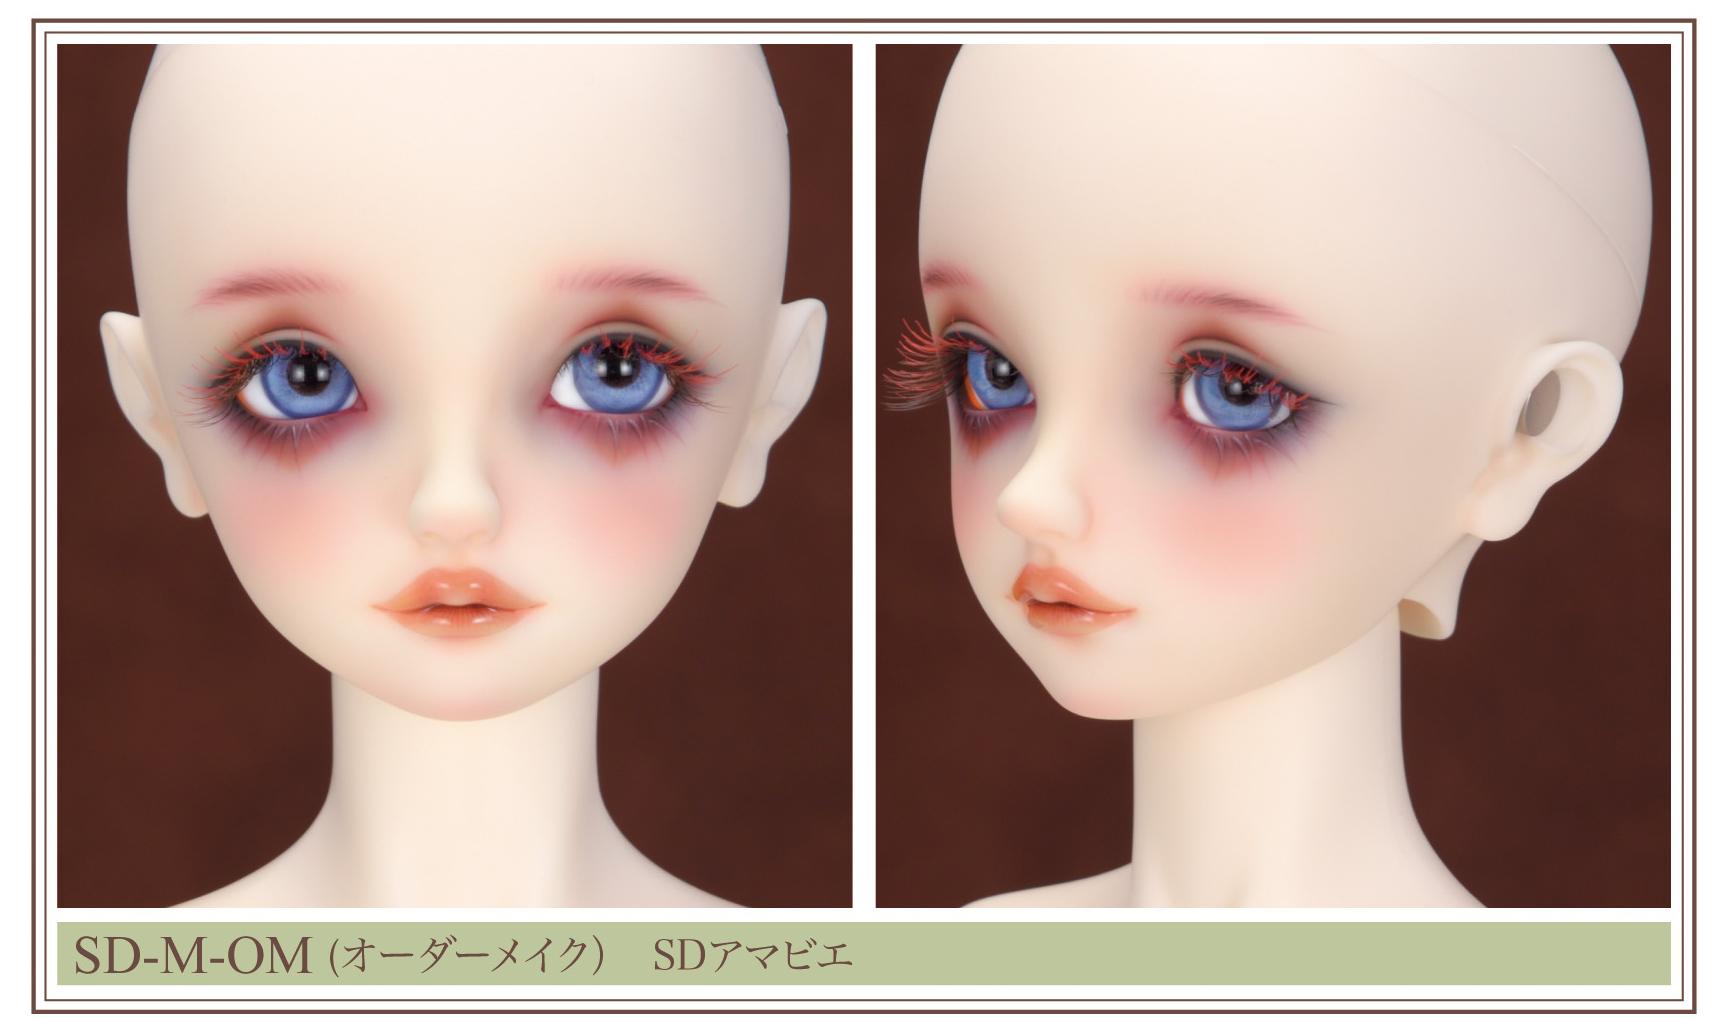 nin_0601_03.jpg